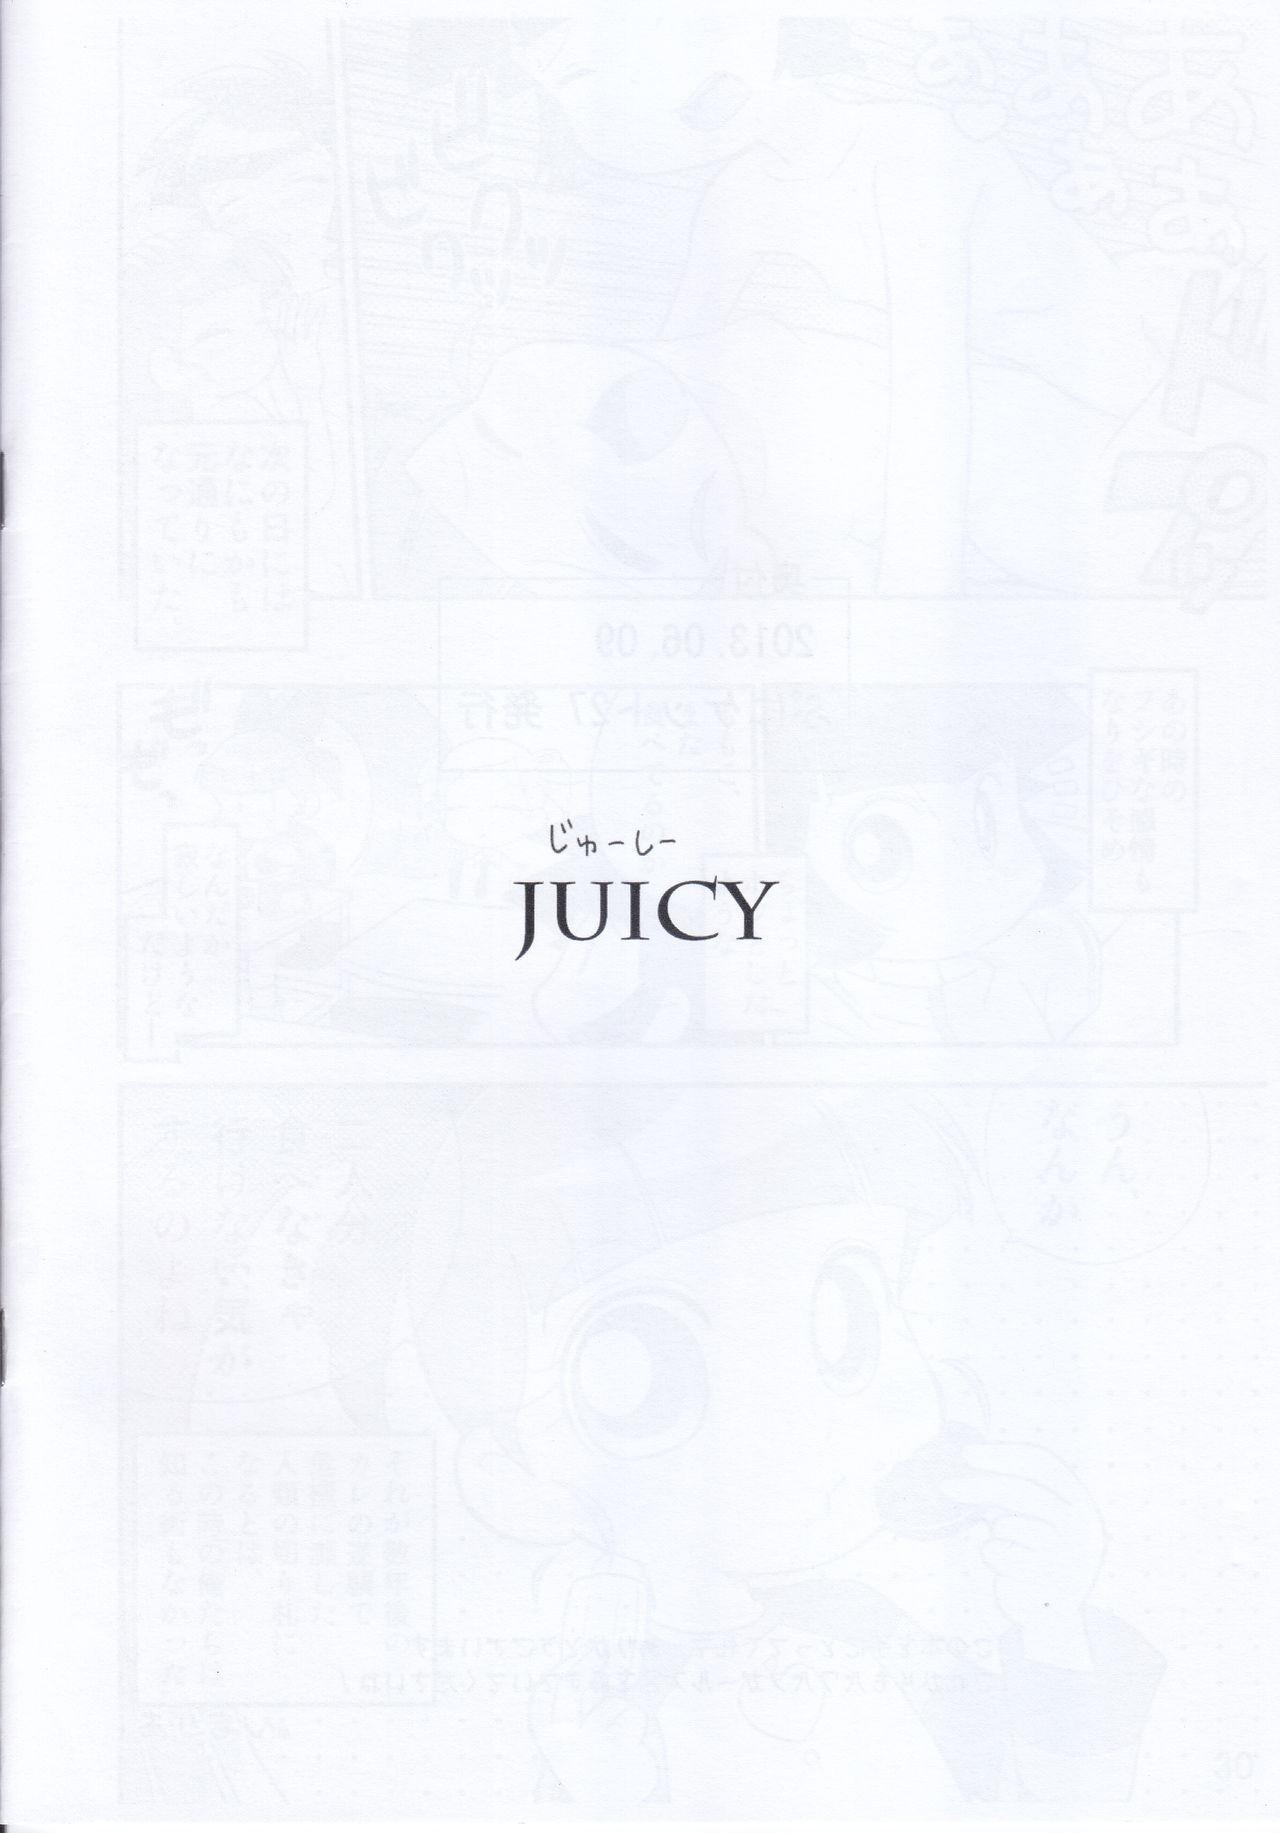 Juicy6 30